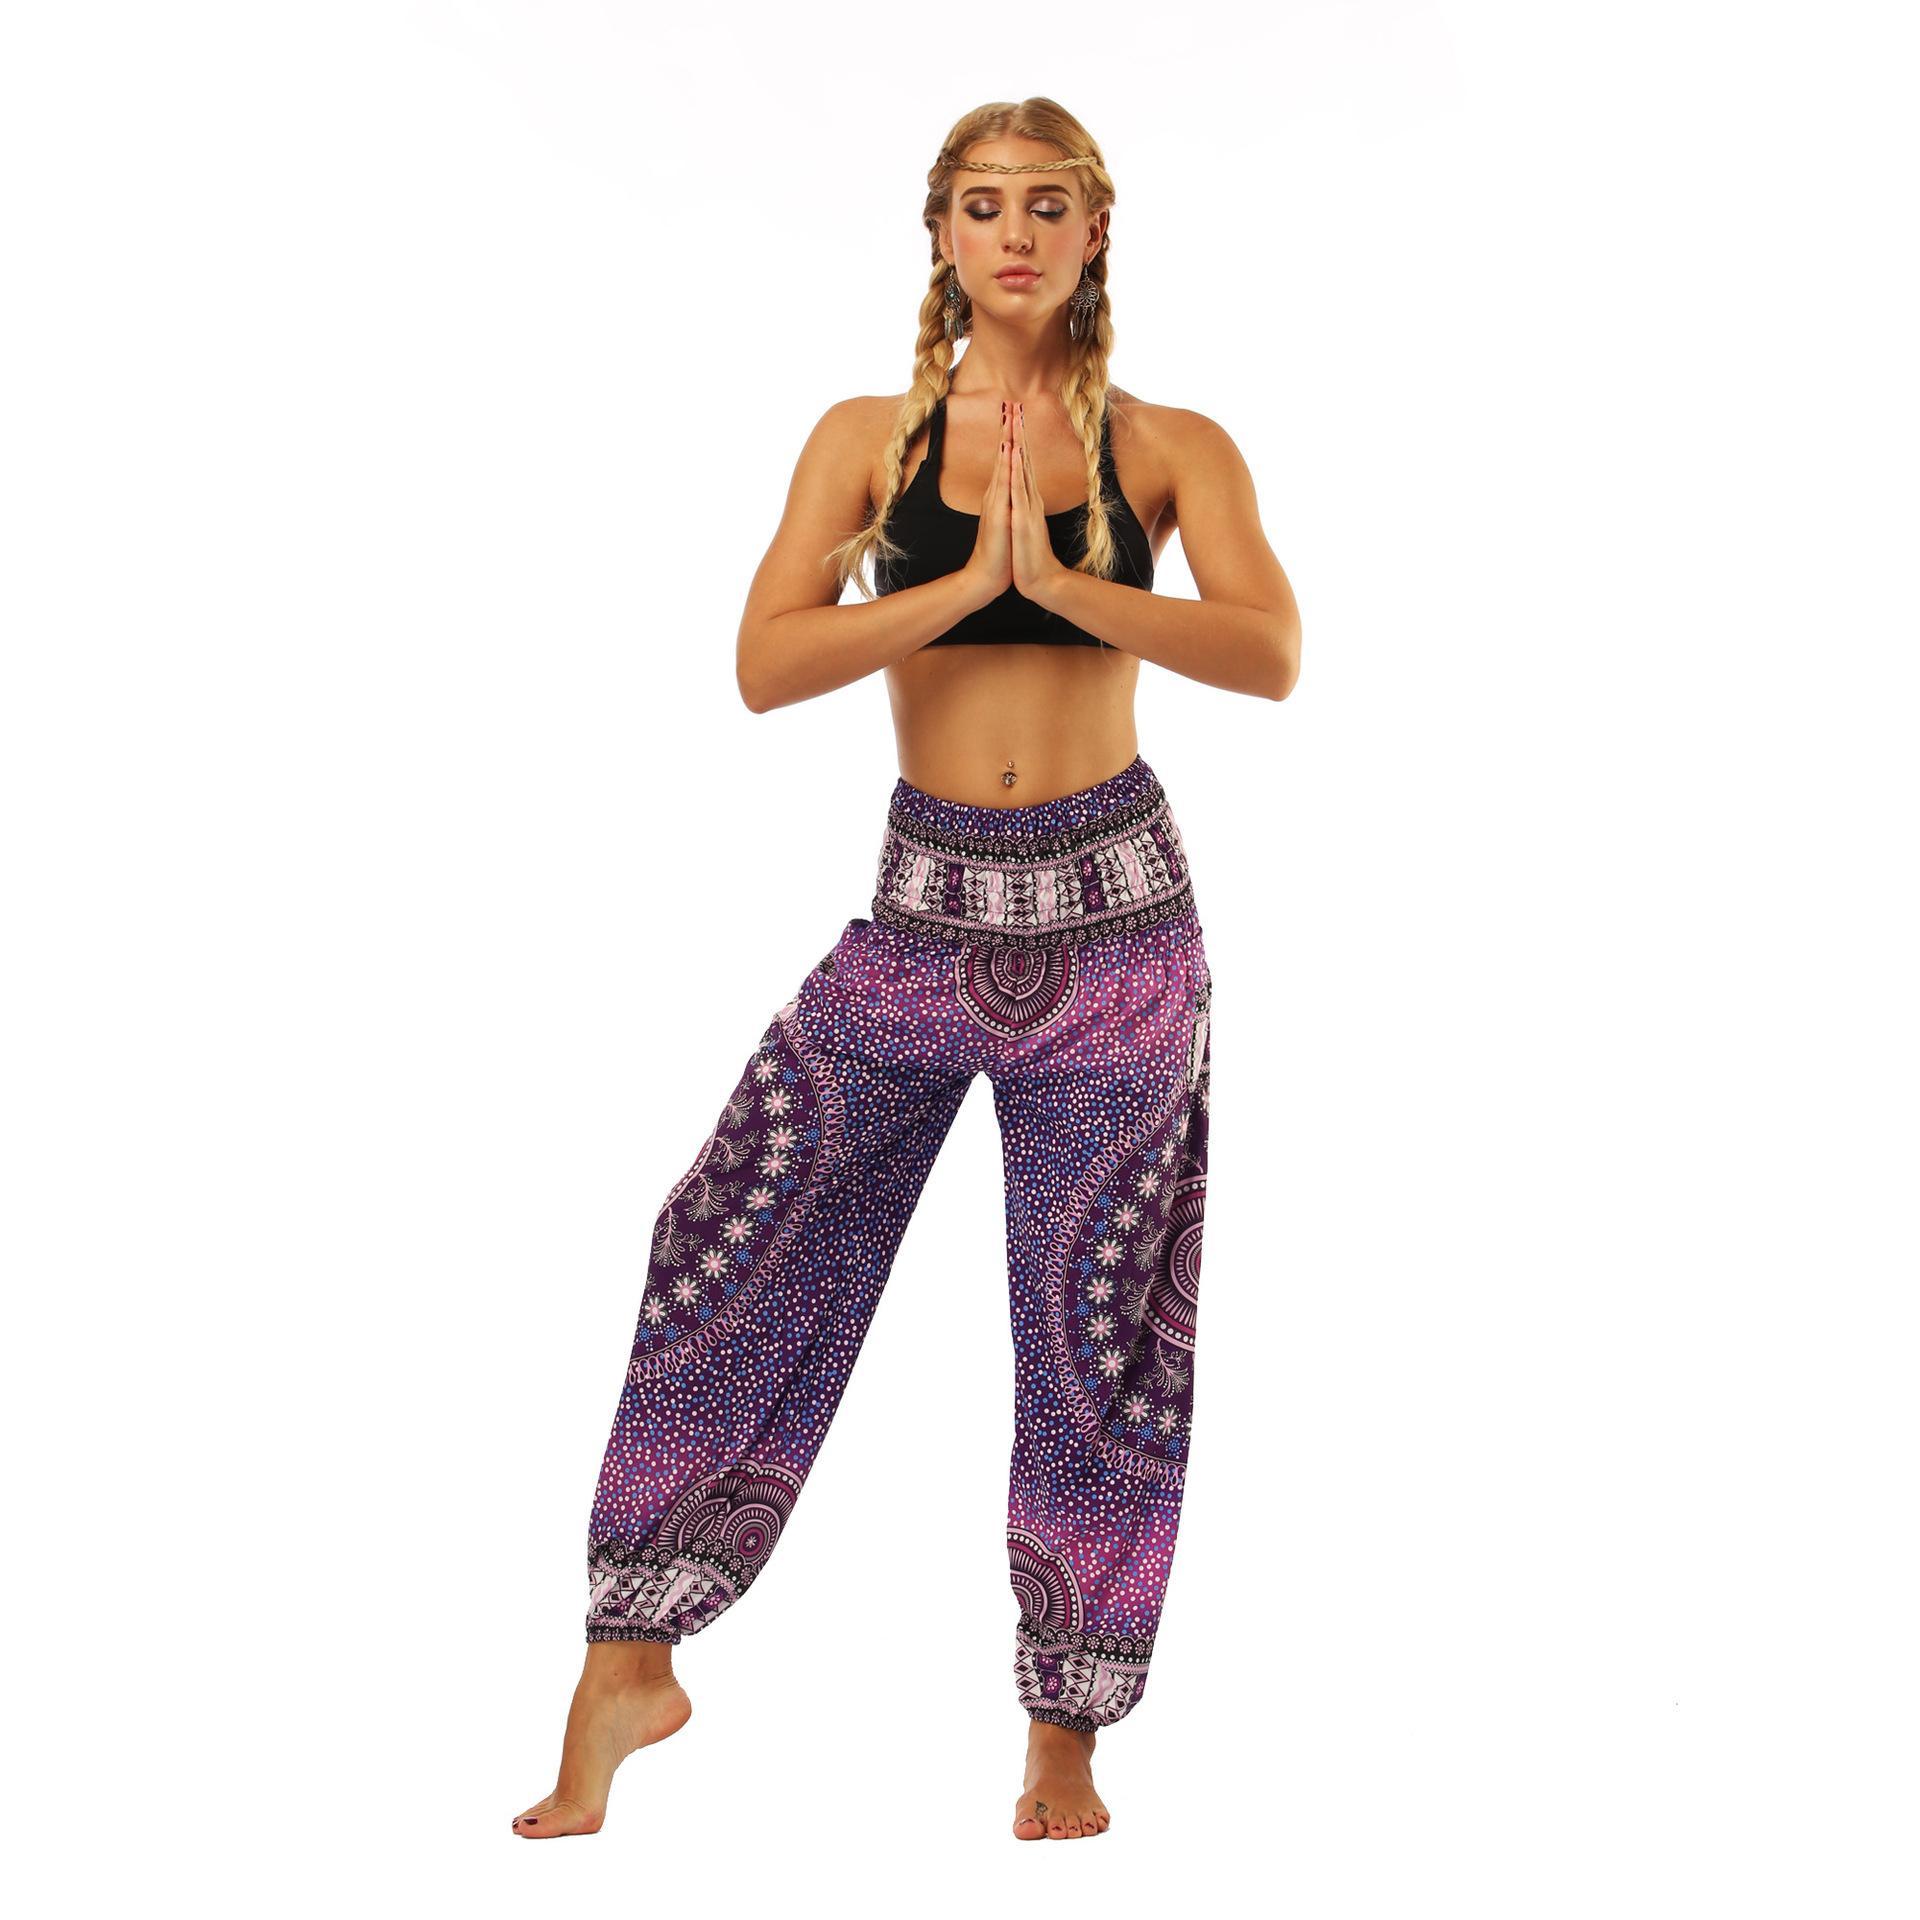 Spor Pantolon Hızlı Kuru Yüksek Beach Pantolon Bloomers Mandala Tango Yeni Y200904 Koşu Kadınlar Baskı Yoga Pantolon Tayland Gevşek Harem Spor